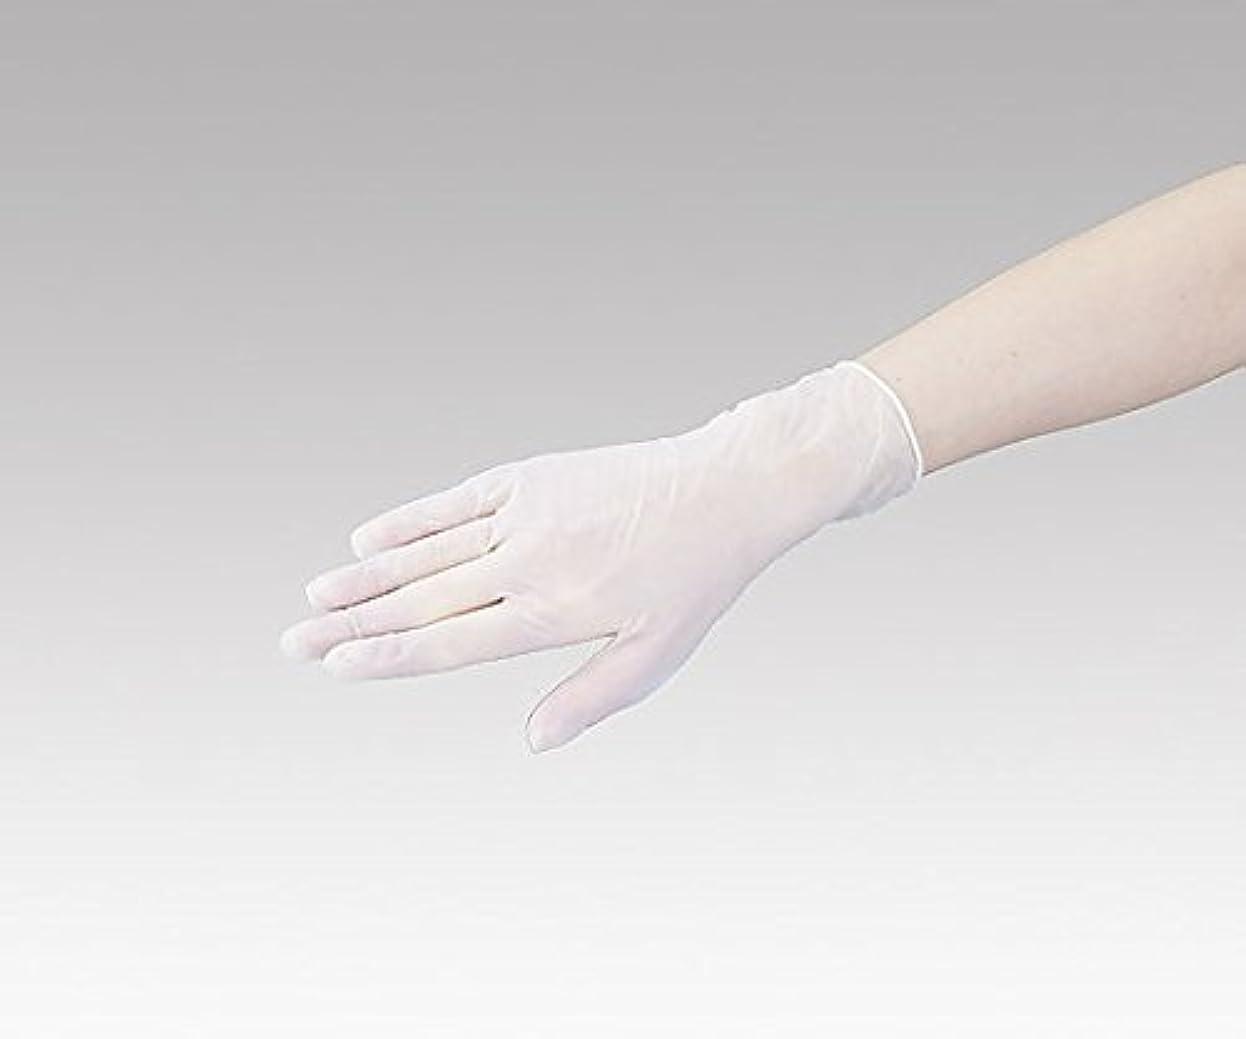 バイソン採用する代表団ナビス(アズワン)0-9867-02ナビロールプラスチック手袋M100入